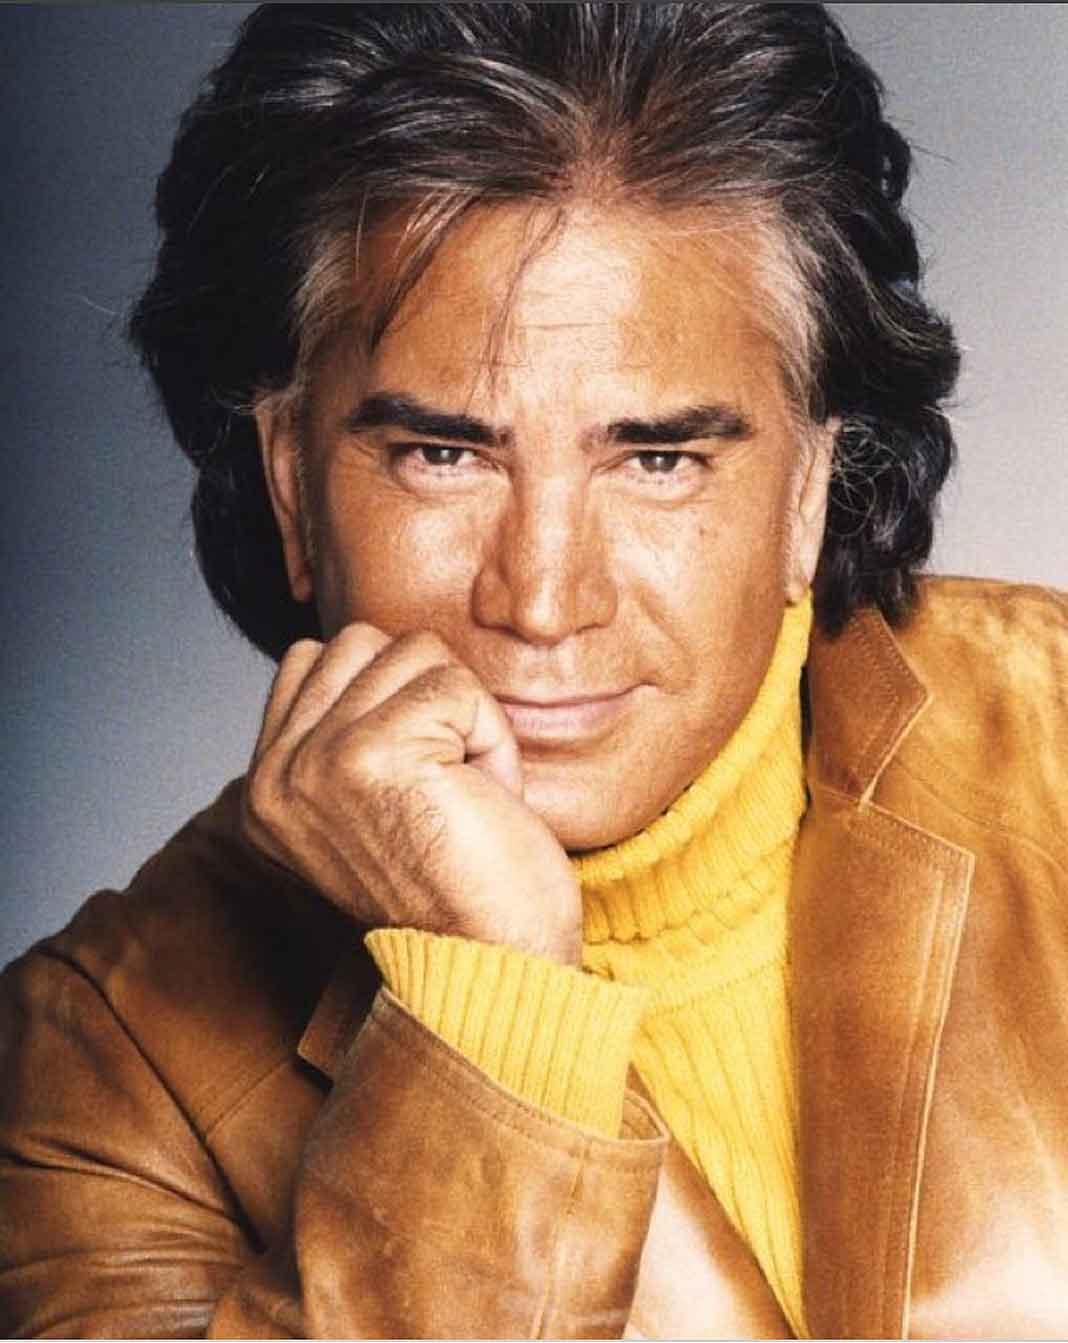 El Puma es uno de los cantantes más importantes de habla hispana